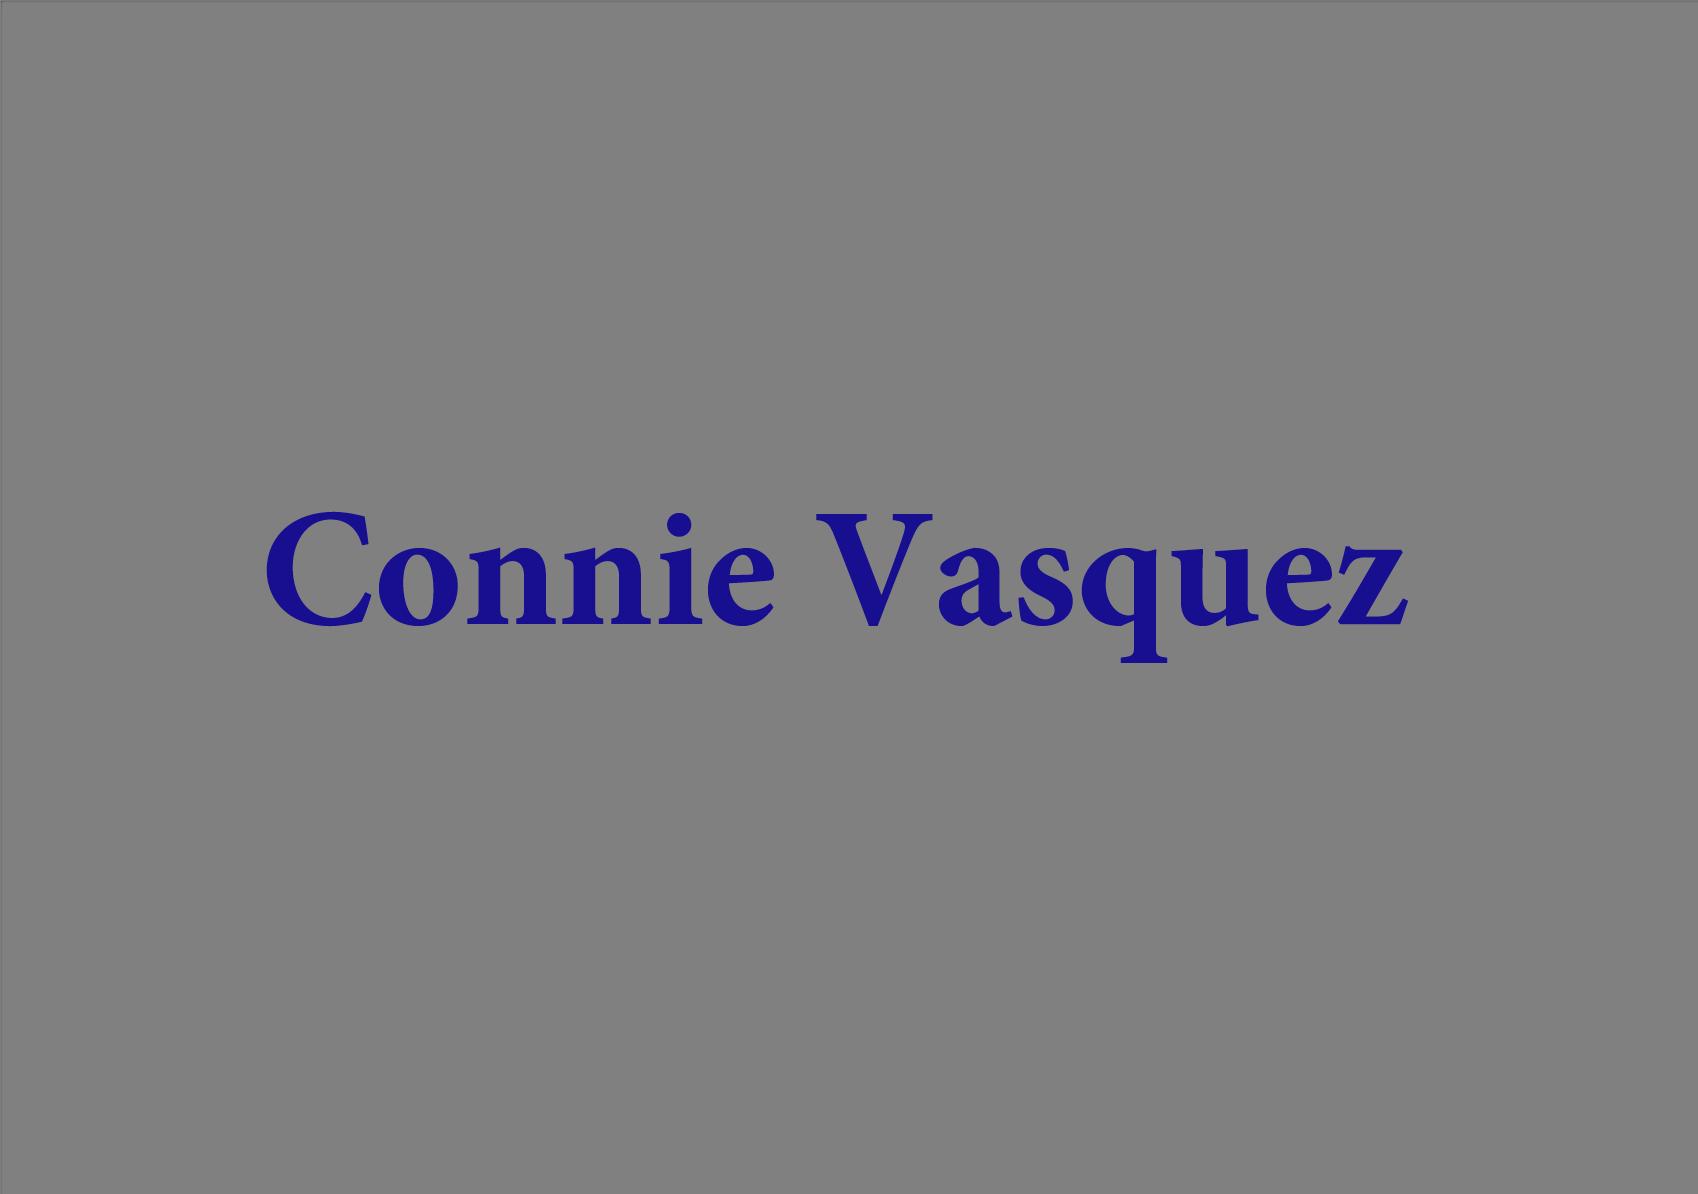 connie vasquez.png